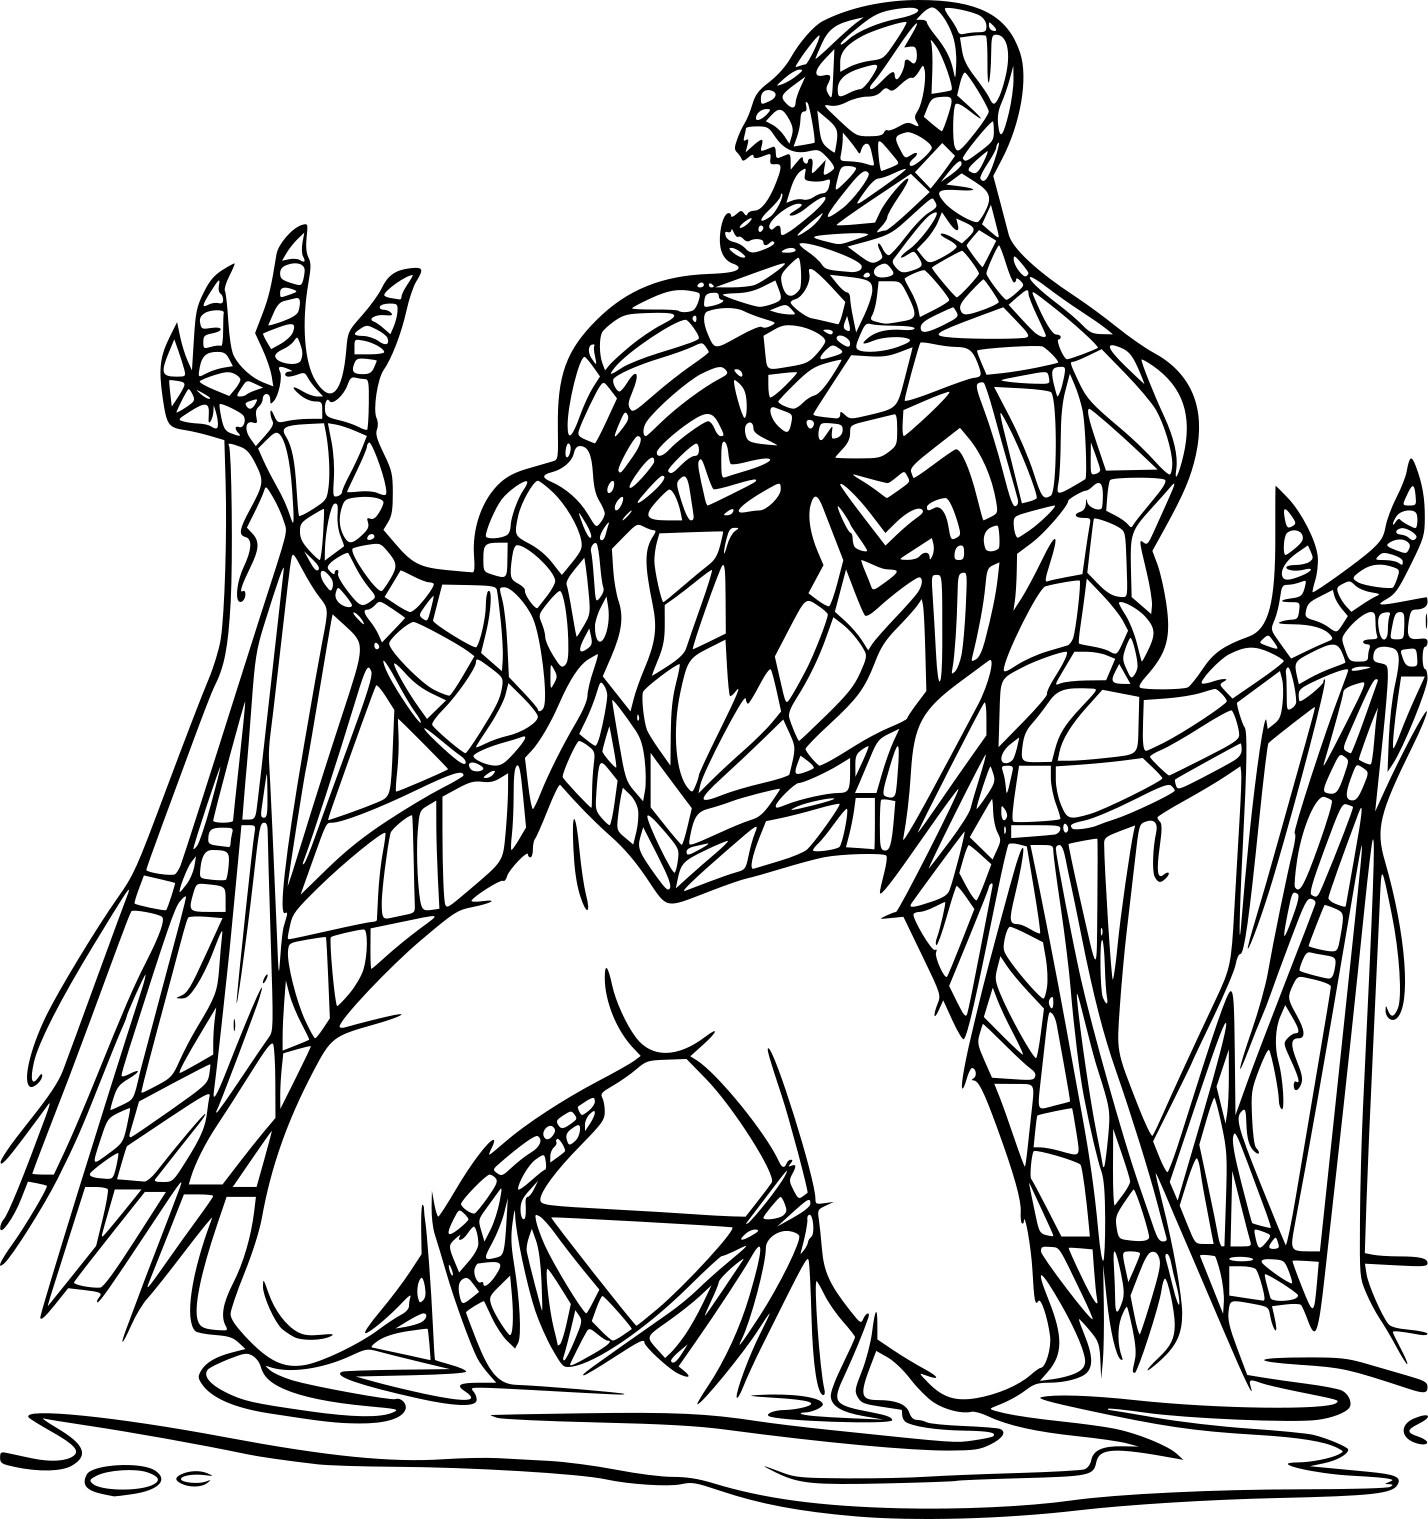 Coloriage Spiderman Noir À Imprimer Sur Coloriages concernant Coloriage Spiderman